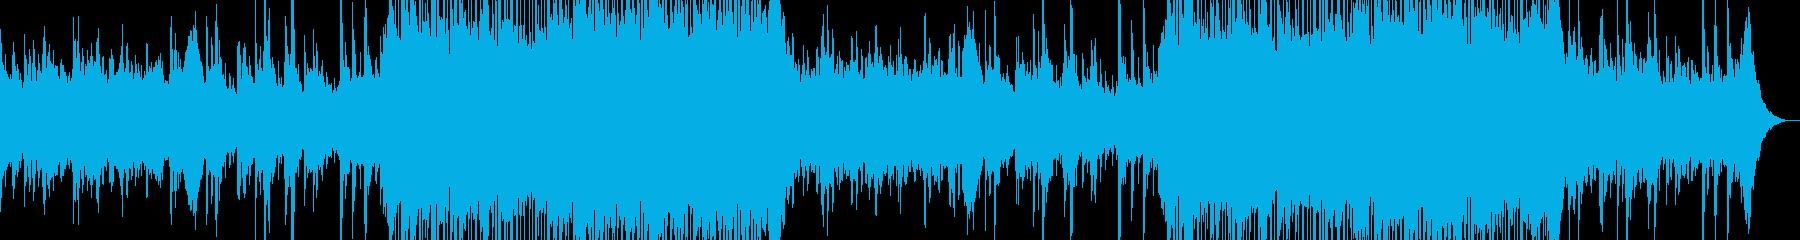 懐かしく切ないチルアウトミュージック。の再生済みの波形